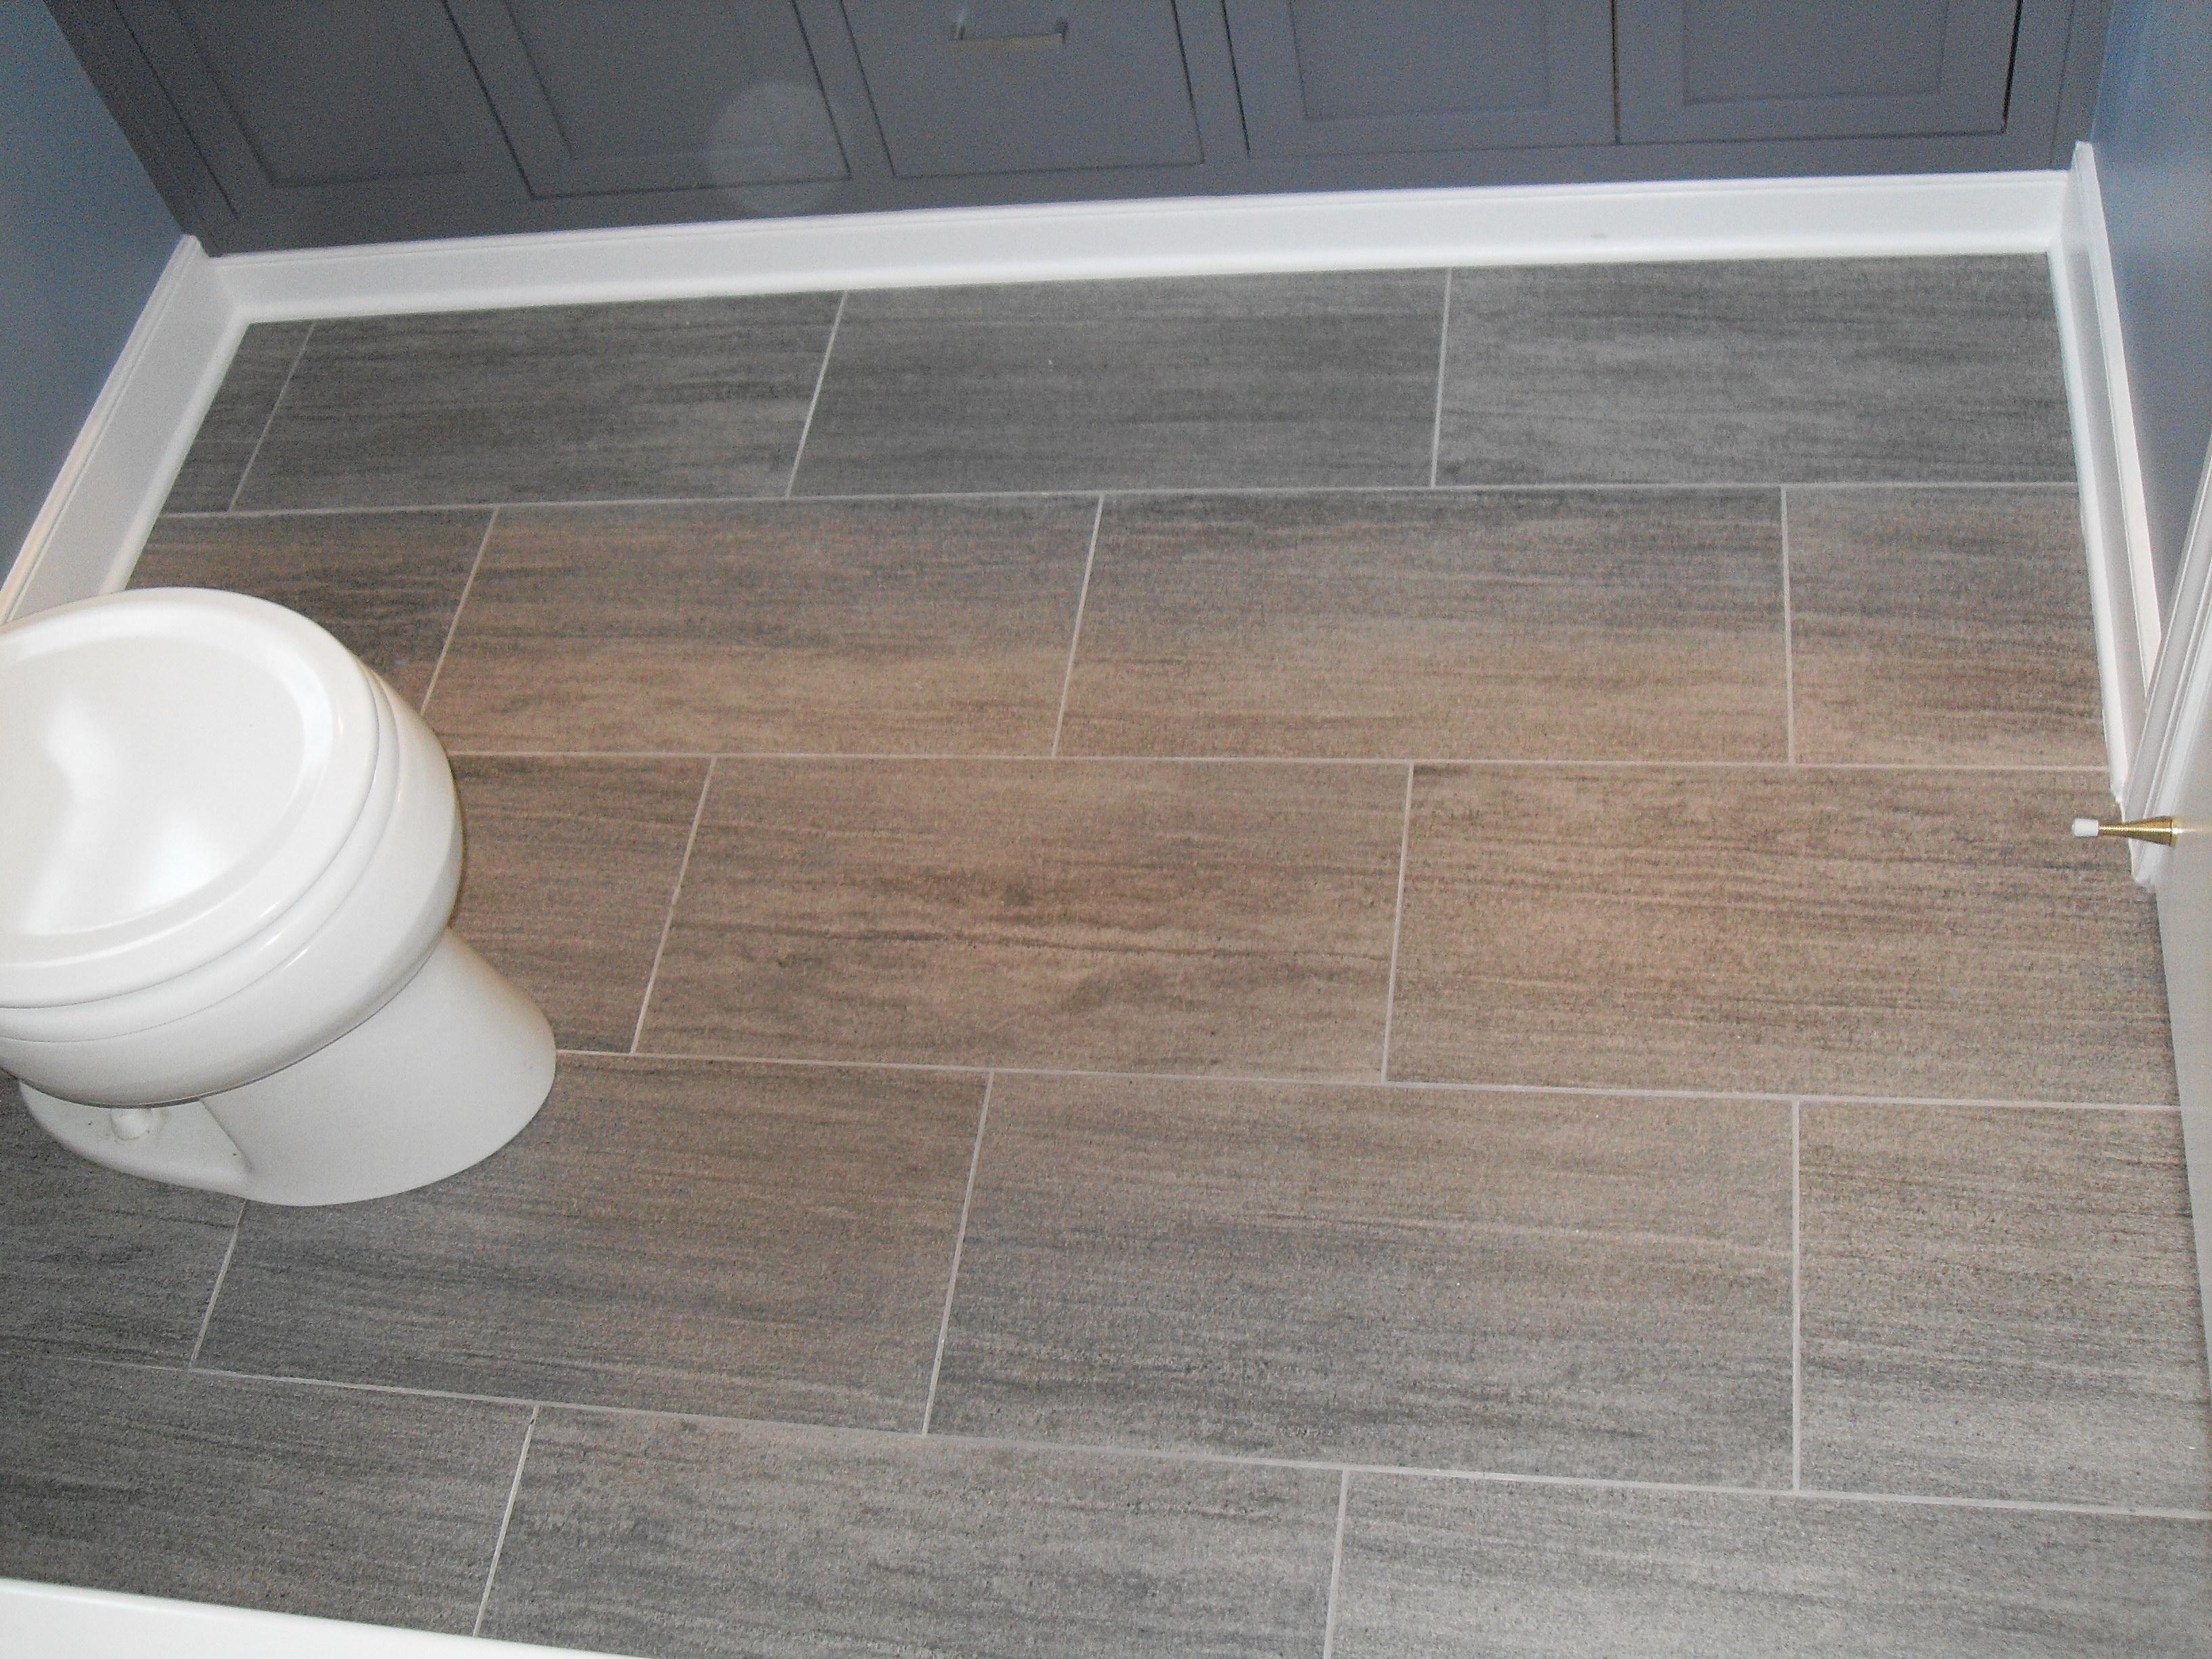 bathroom floor tile ideas for small bathrooms small bathroom floor tile ideas | ivchic home design METNMFW